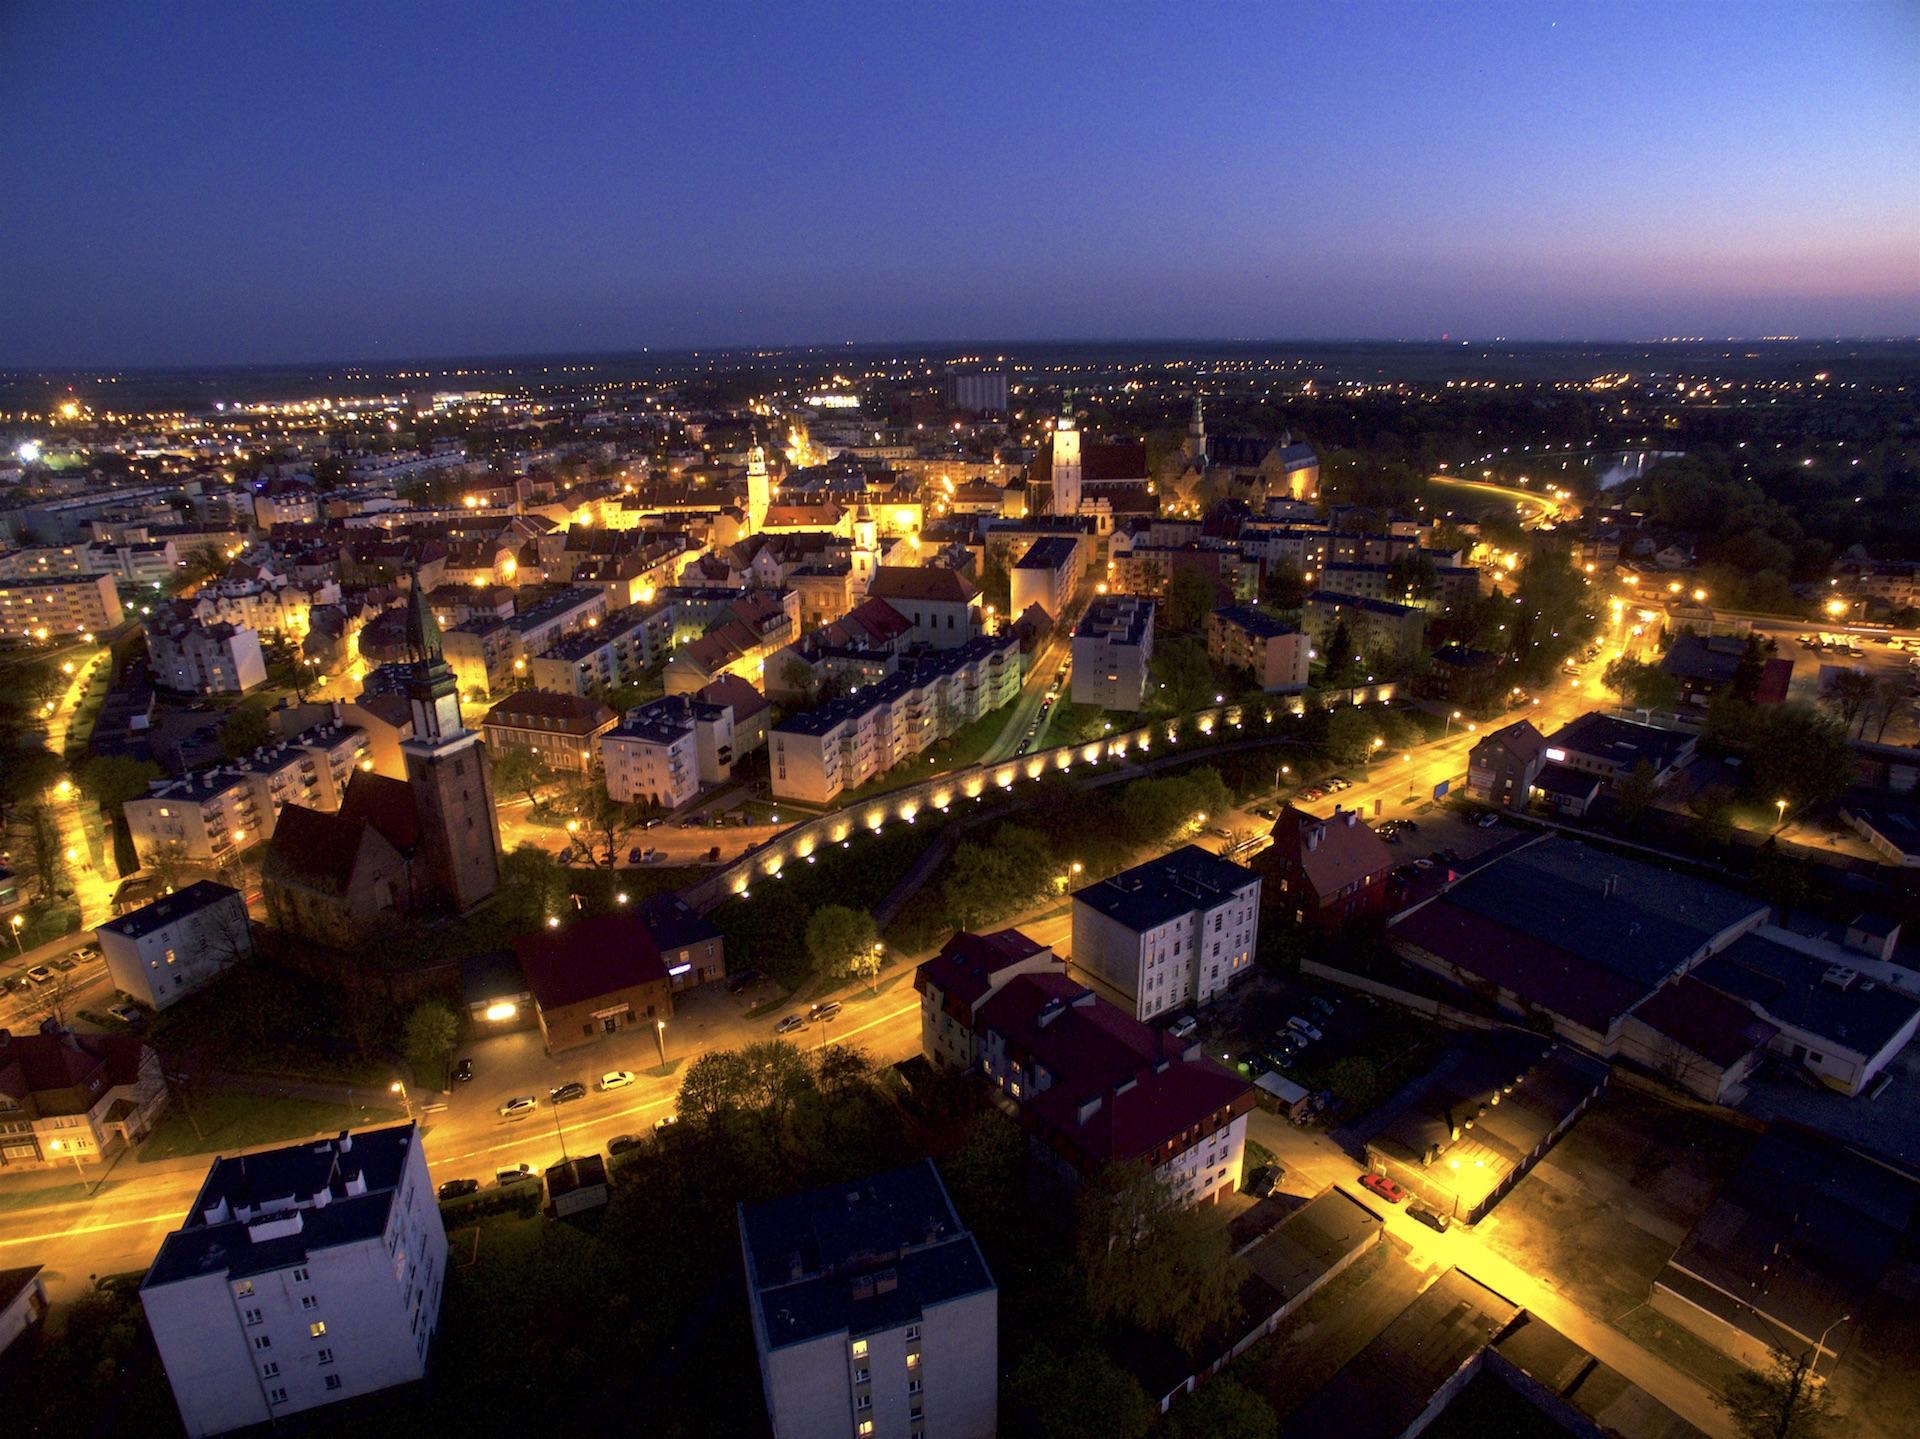 Oleśnica - nocne zdjęcie z powietrza - filmy z powietrza